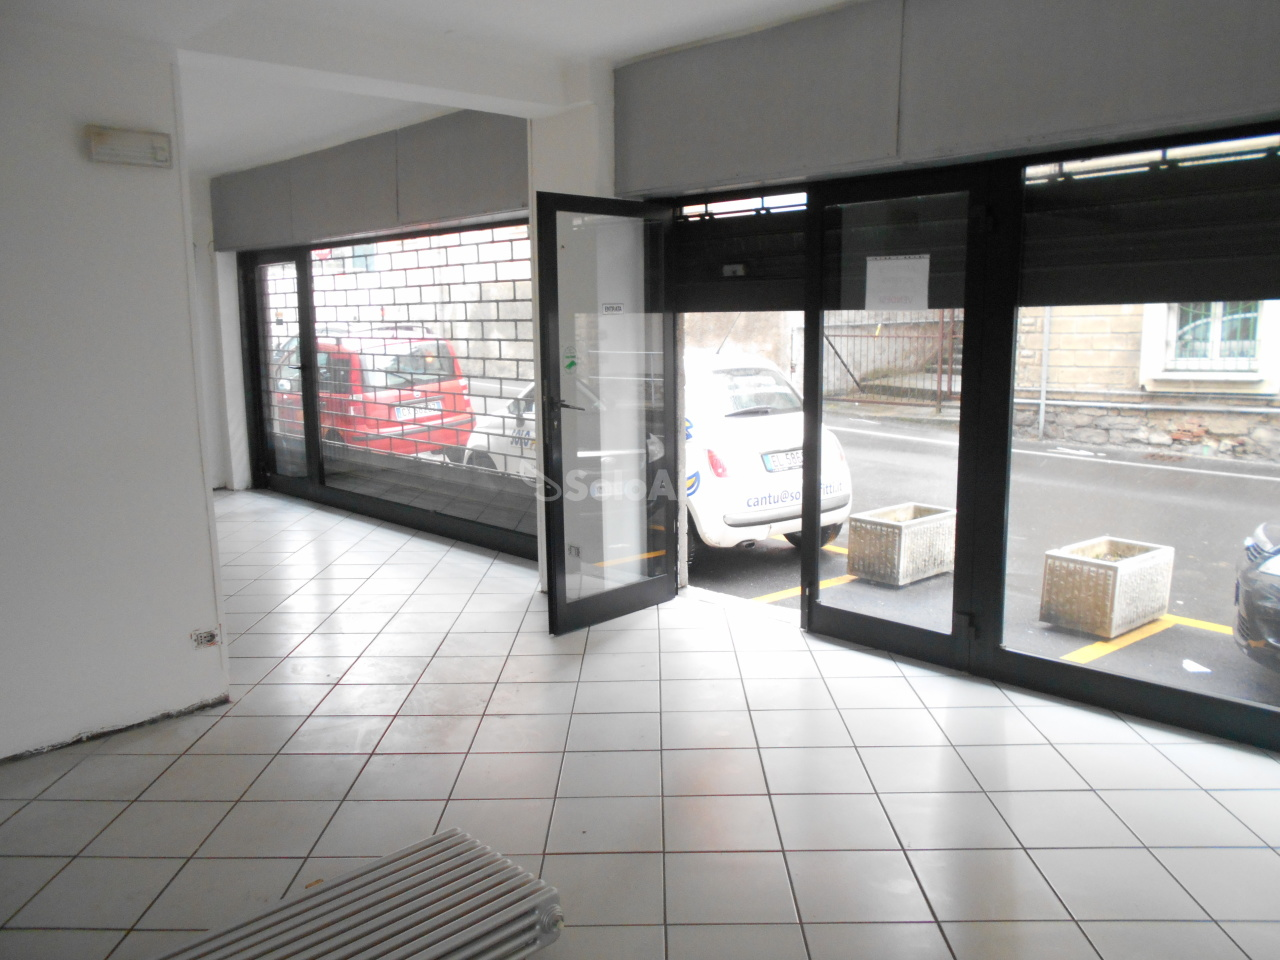 Fondo/negozio - 2 vetrine/luci a Cantù Rif. 9446018